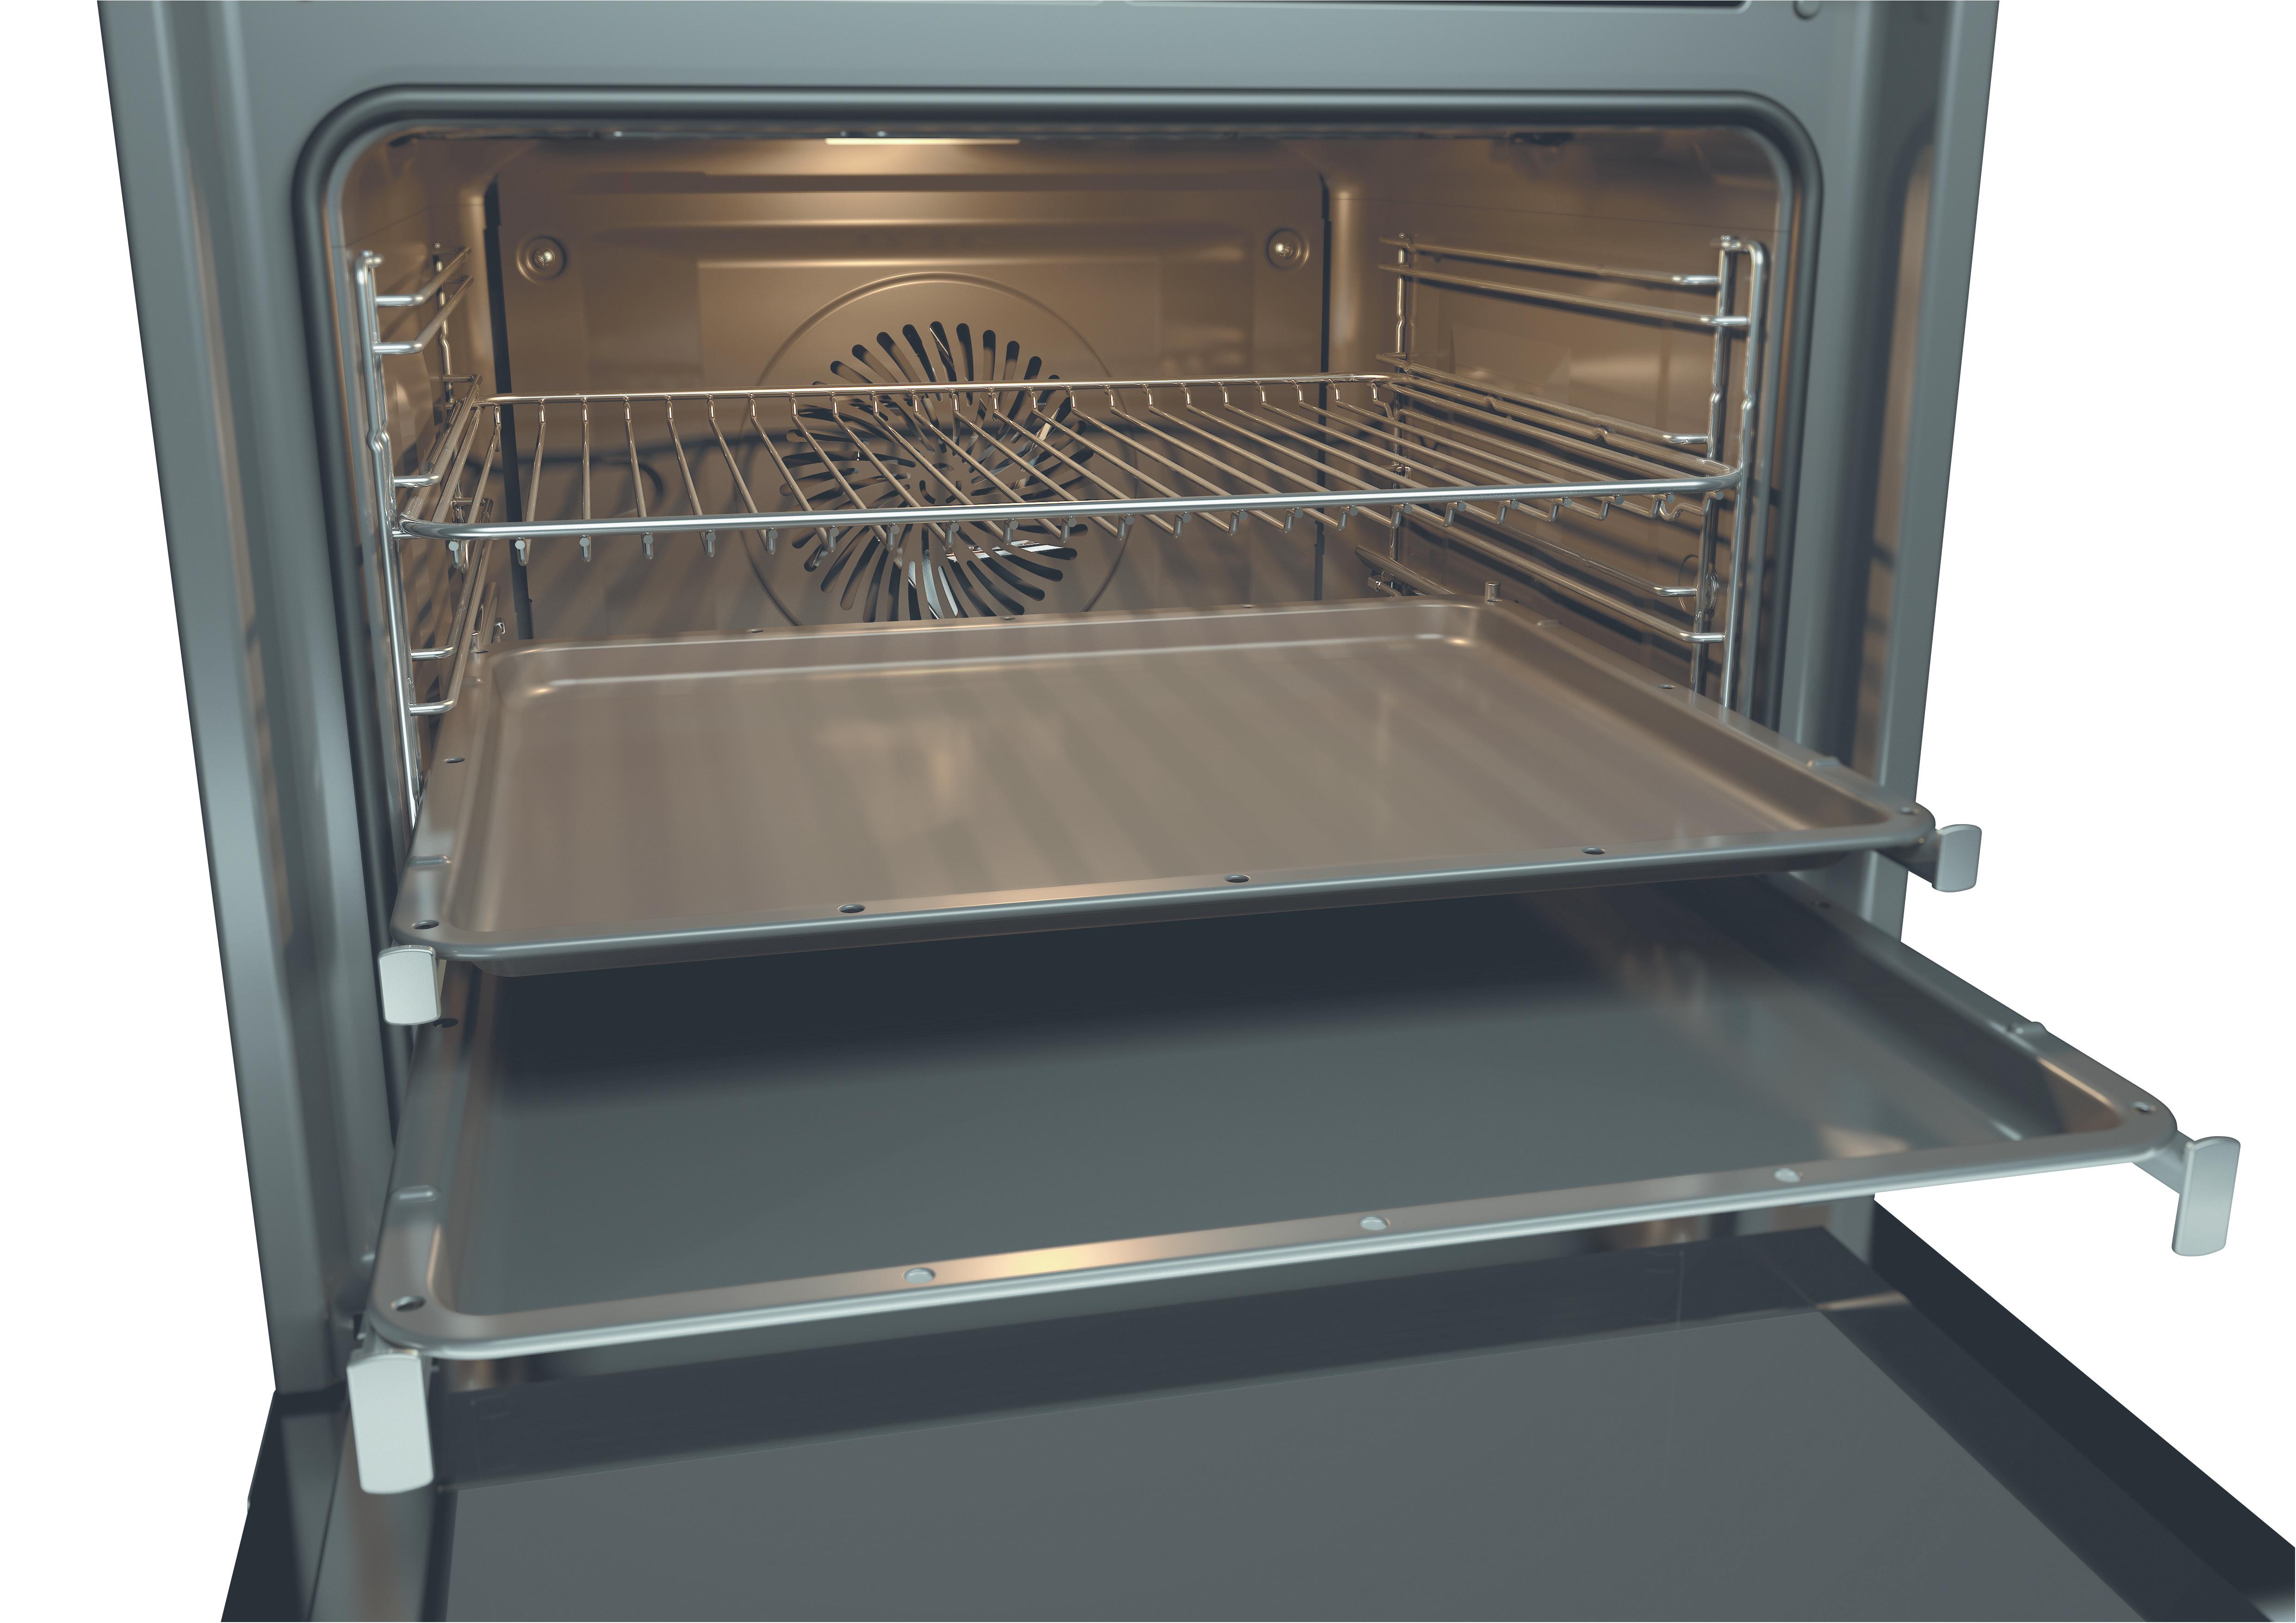 Fornuis Energieklasse A : Aeg vs mn fornuis met vitrokeramische kookplaat art craft